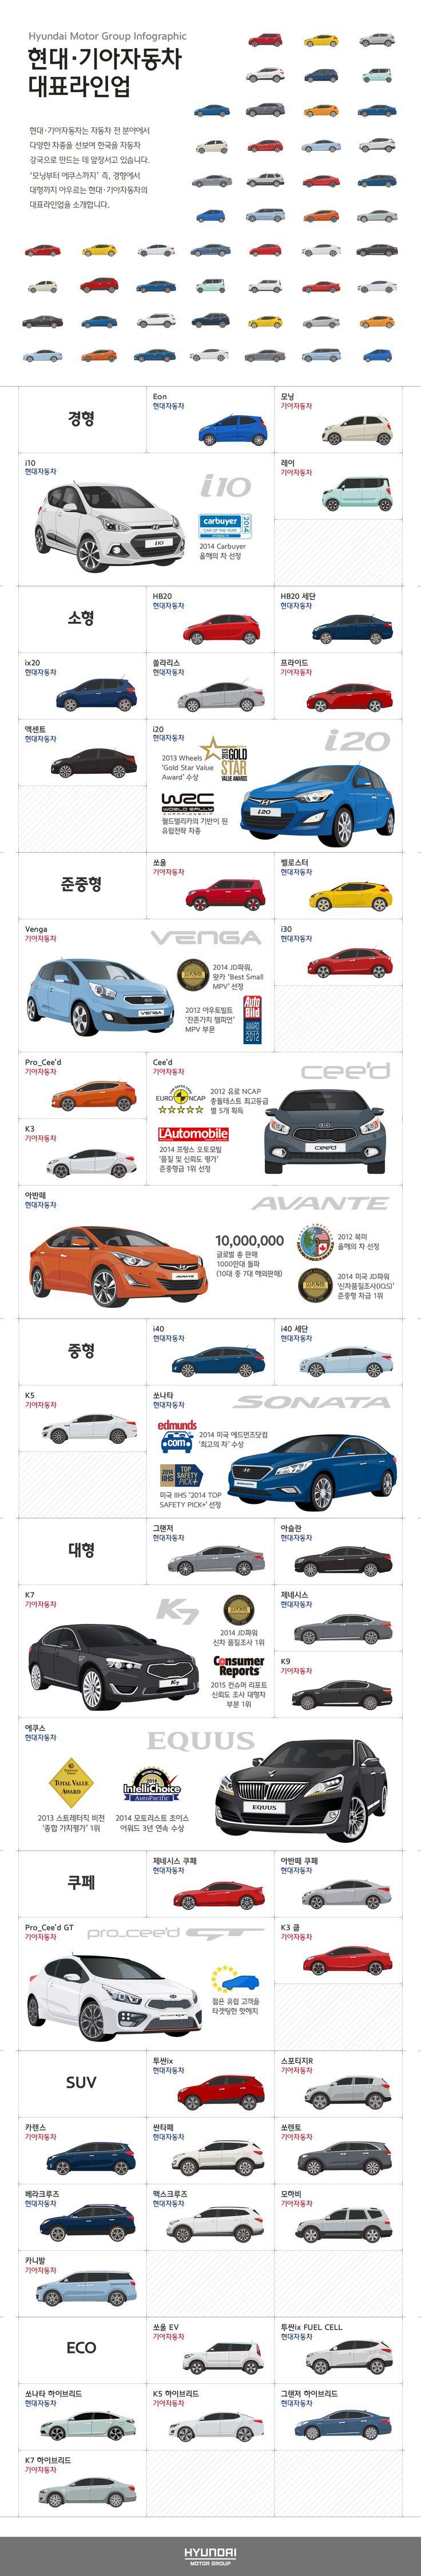 현대·기아자동차 대표라인업 모닝에서 에쿠스까지 현대·기아자동차의 모든 라인업을 인포그래픽으로 소개합니다 hyundaimotorgroup inforgraphic